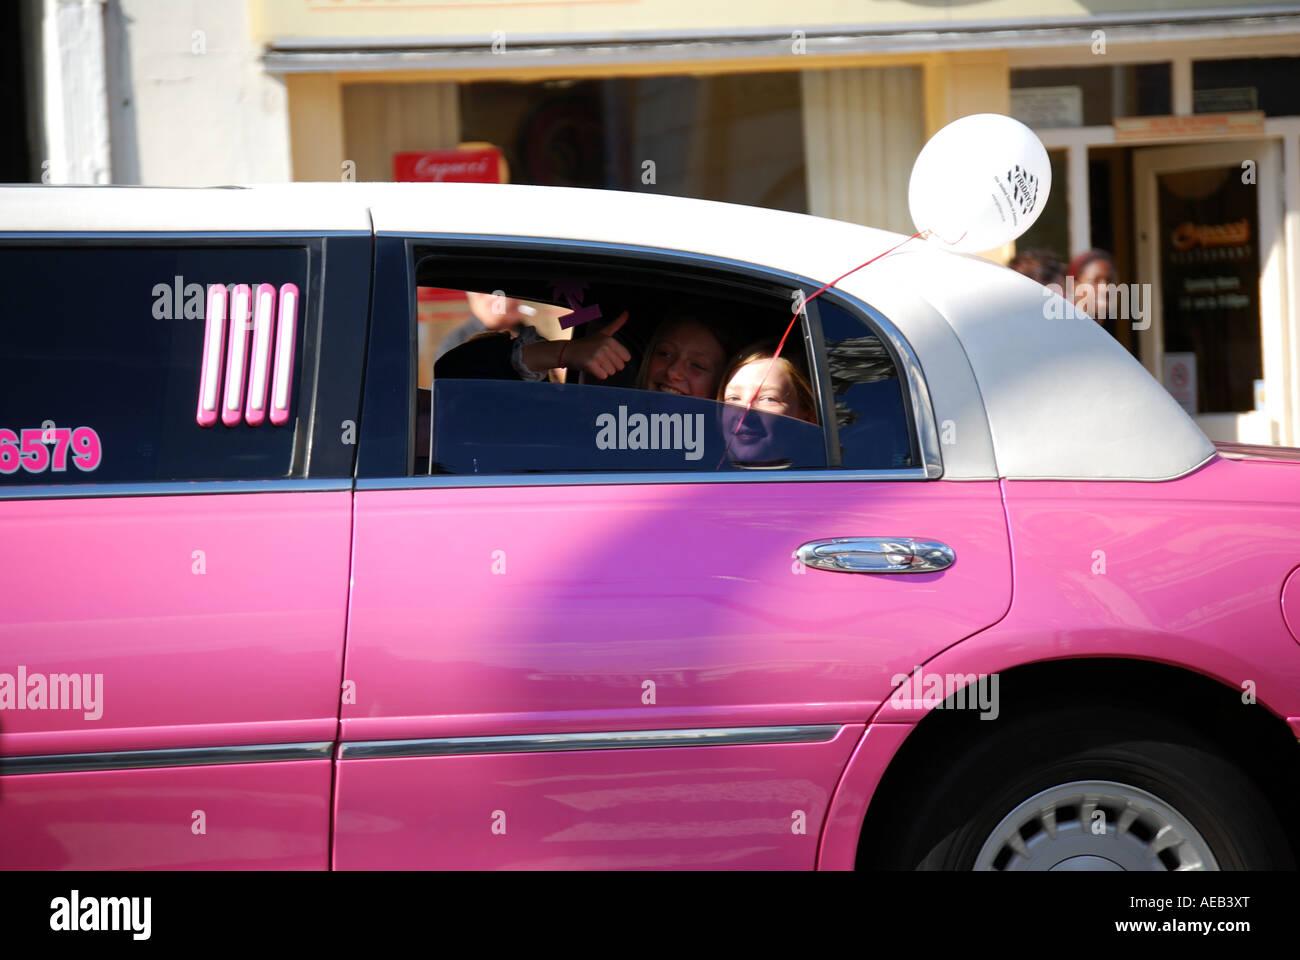 Pink Limousine Imágenes De Stock & Pink Limousine Fotos De Stock - Alamy